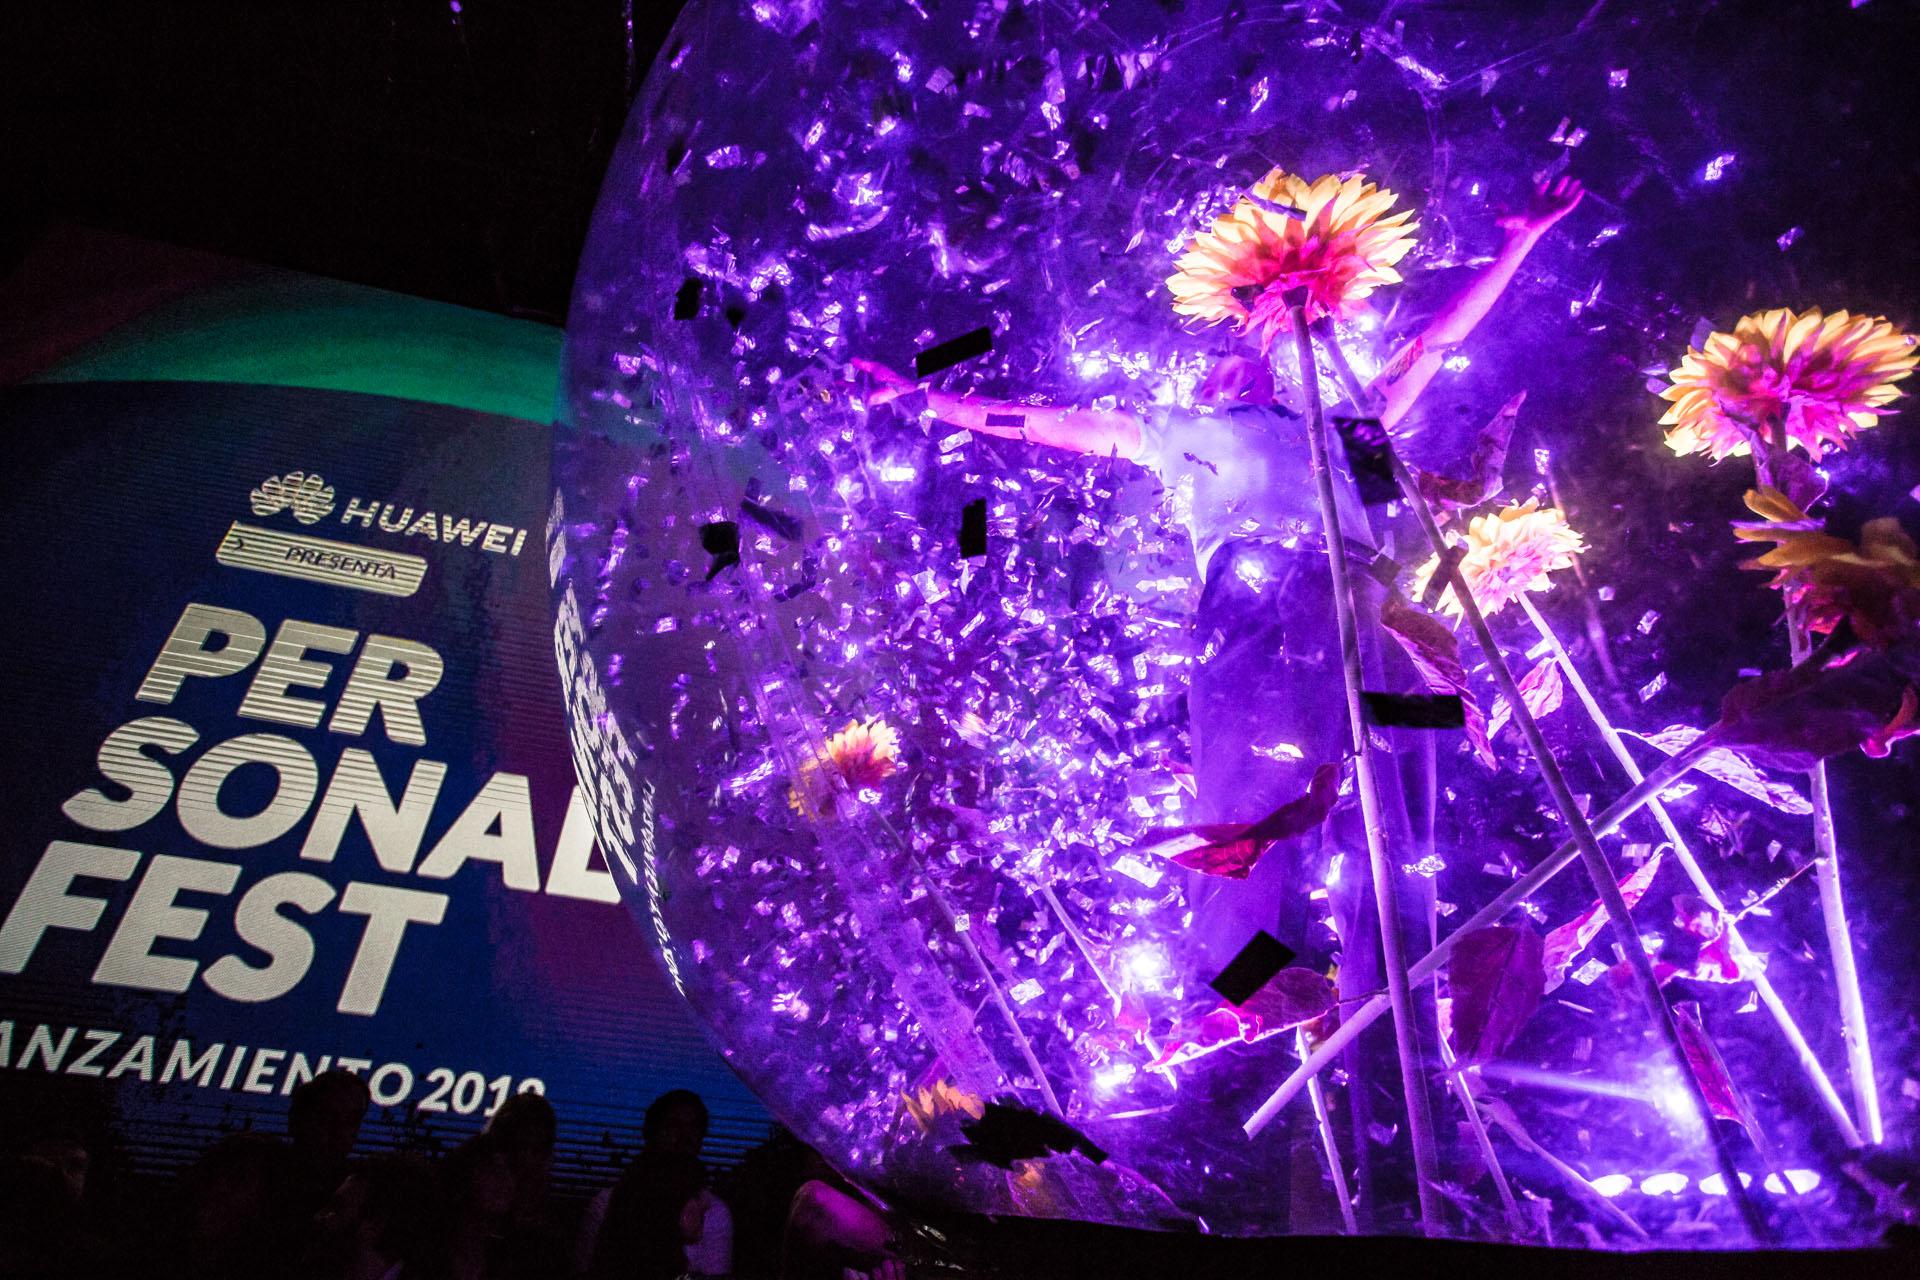 Apertura del Personal Fest en Crobar.